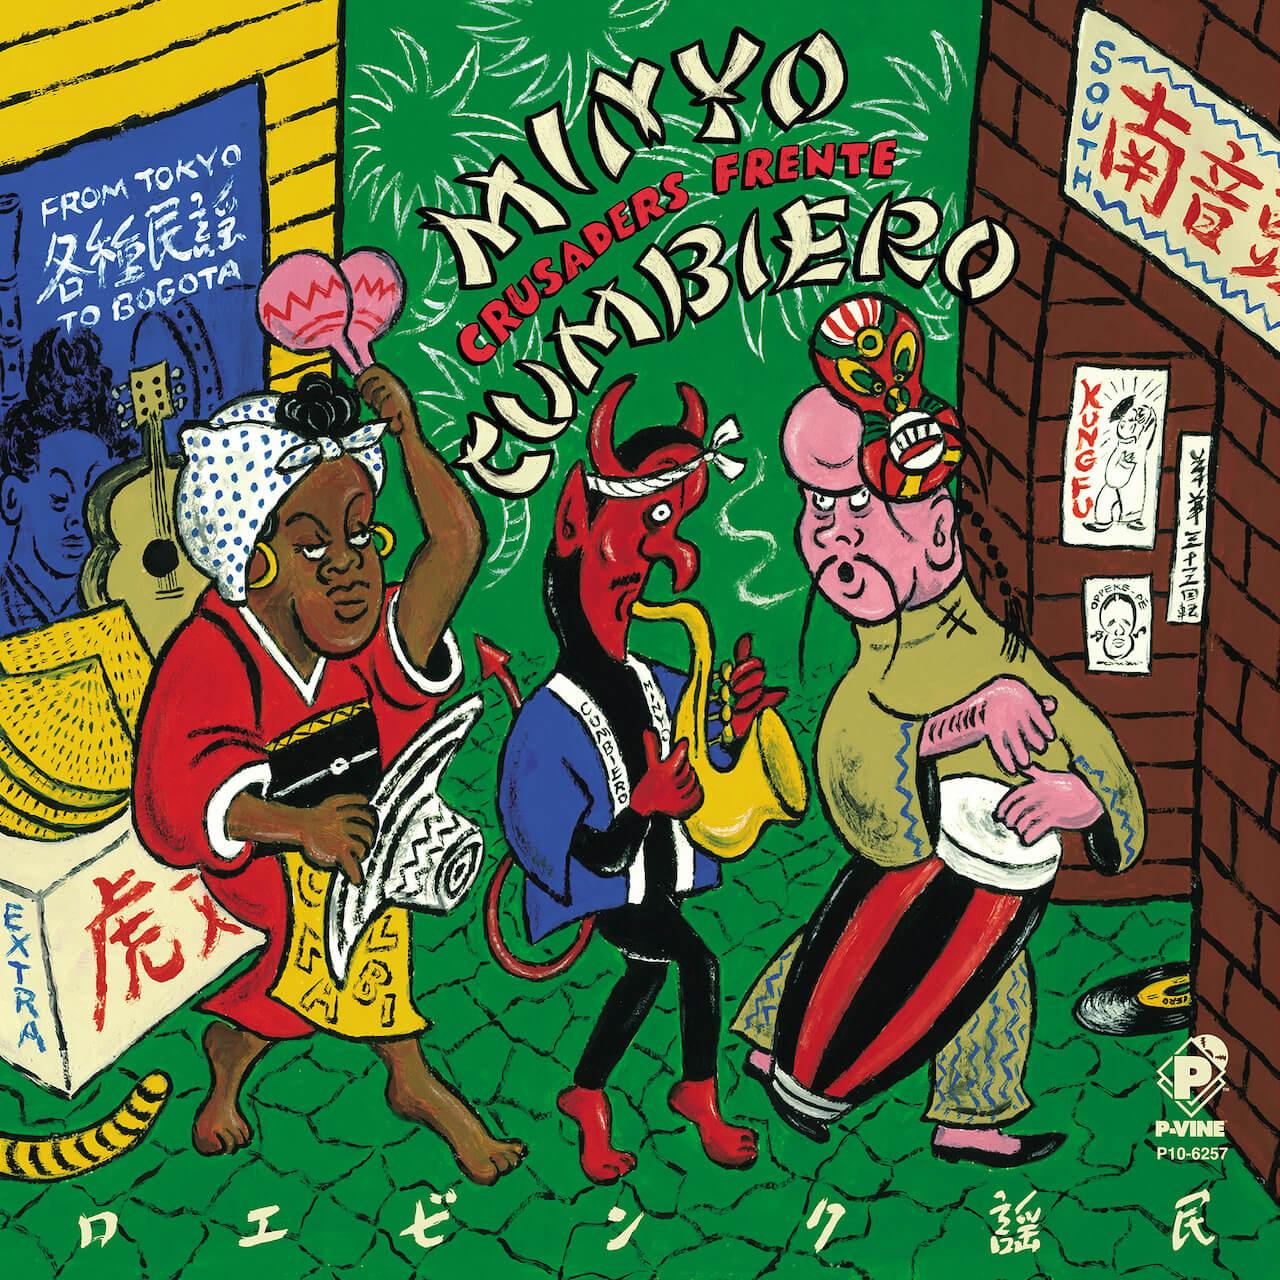 民謡+ラテン+何か+クンビア=マジカル!民謡クルセイダーズ&フレンテ・クンビエロの新作EP『民謡クンビエロ』がリリース music200807-minyo-crusaders-1